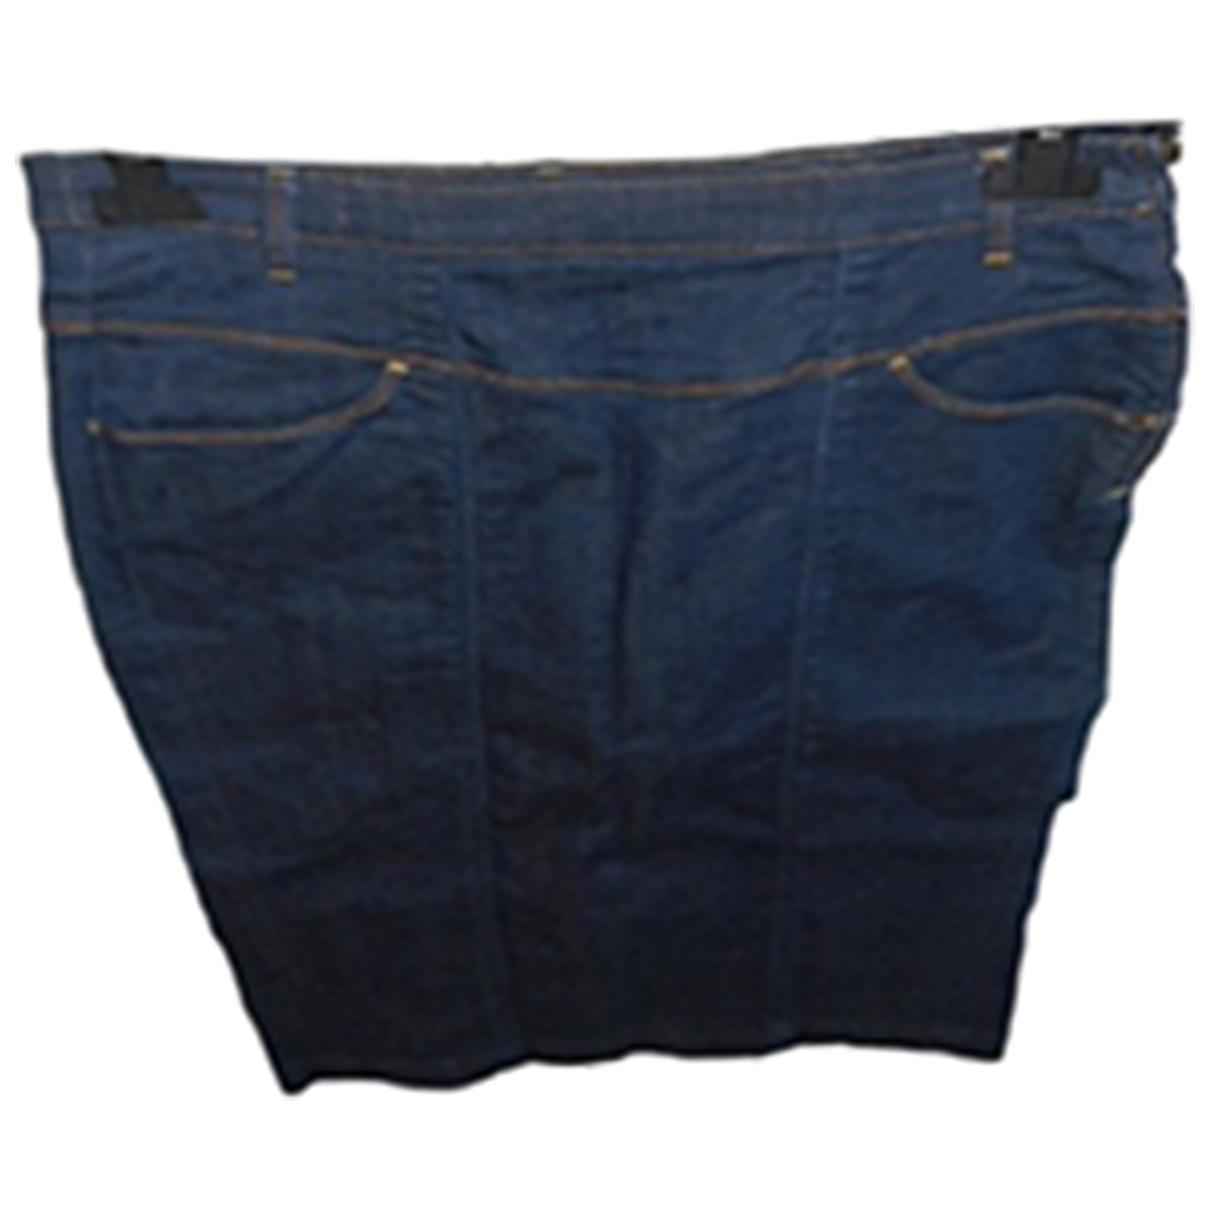 Guess \N Navy Denim - Jeans skirt for Women 40 FR